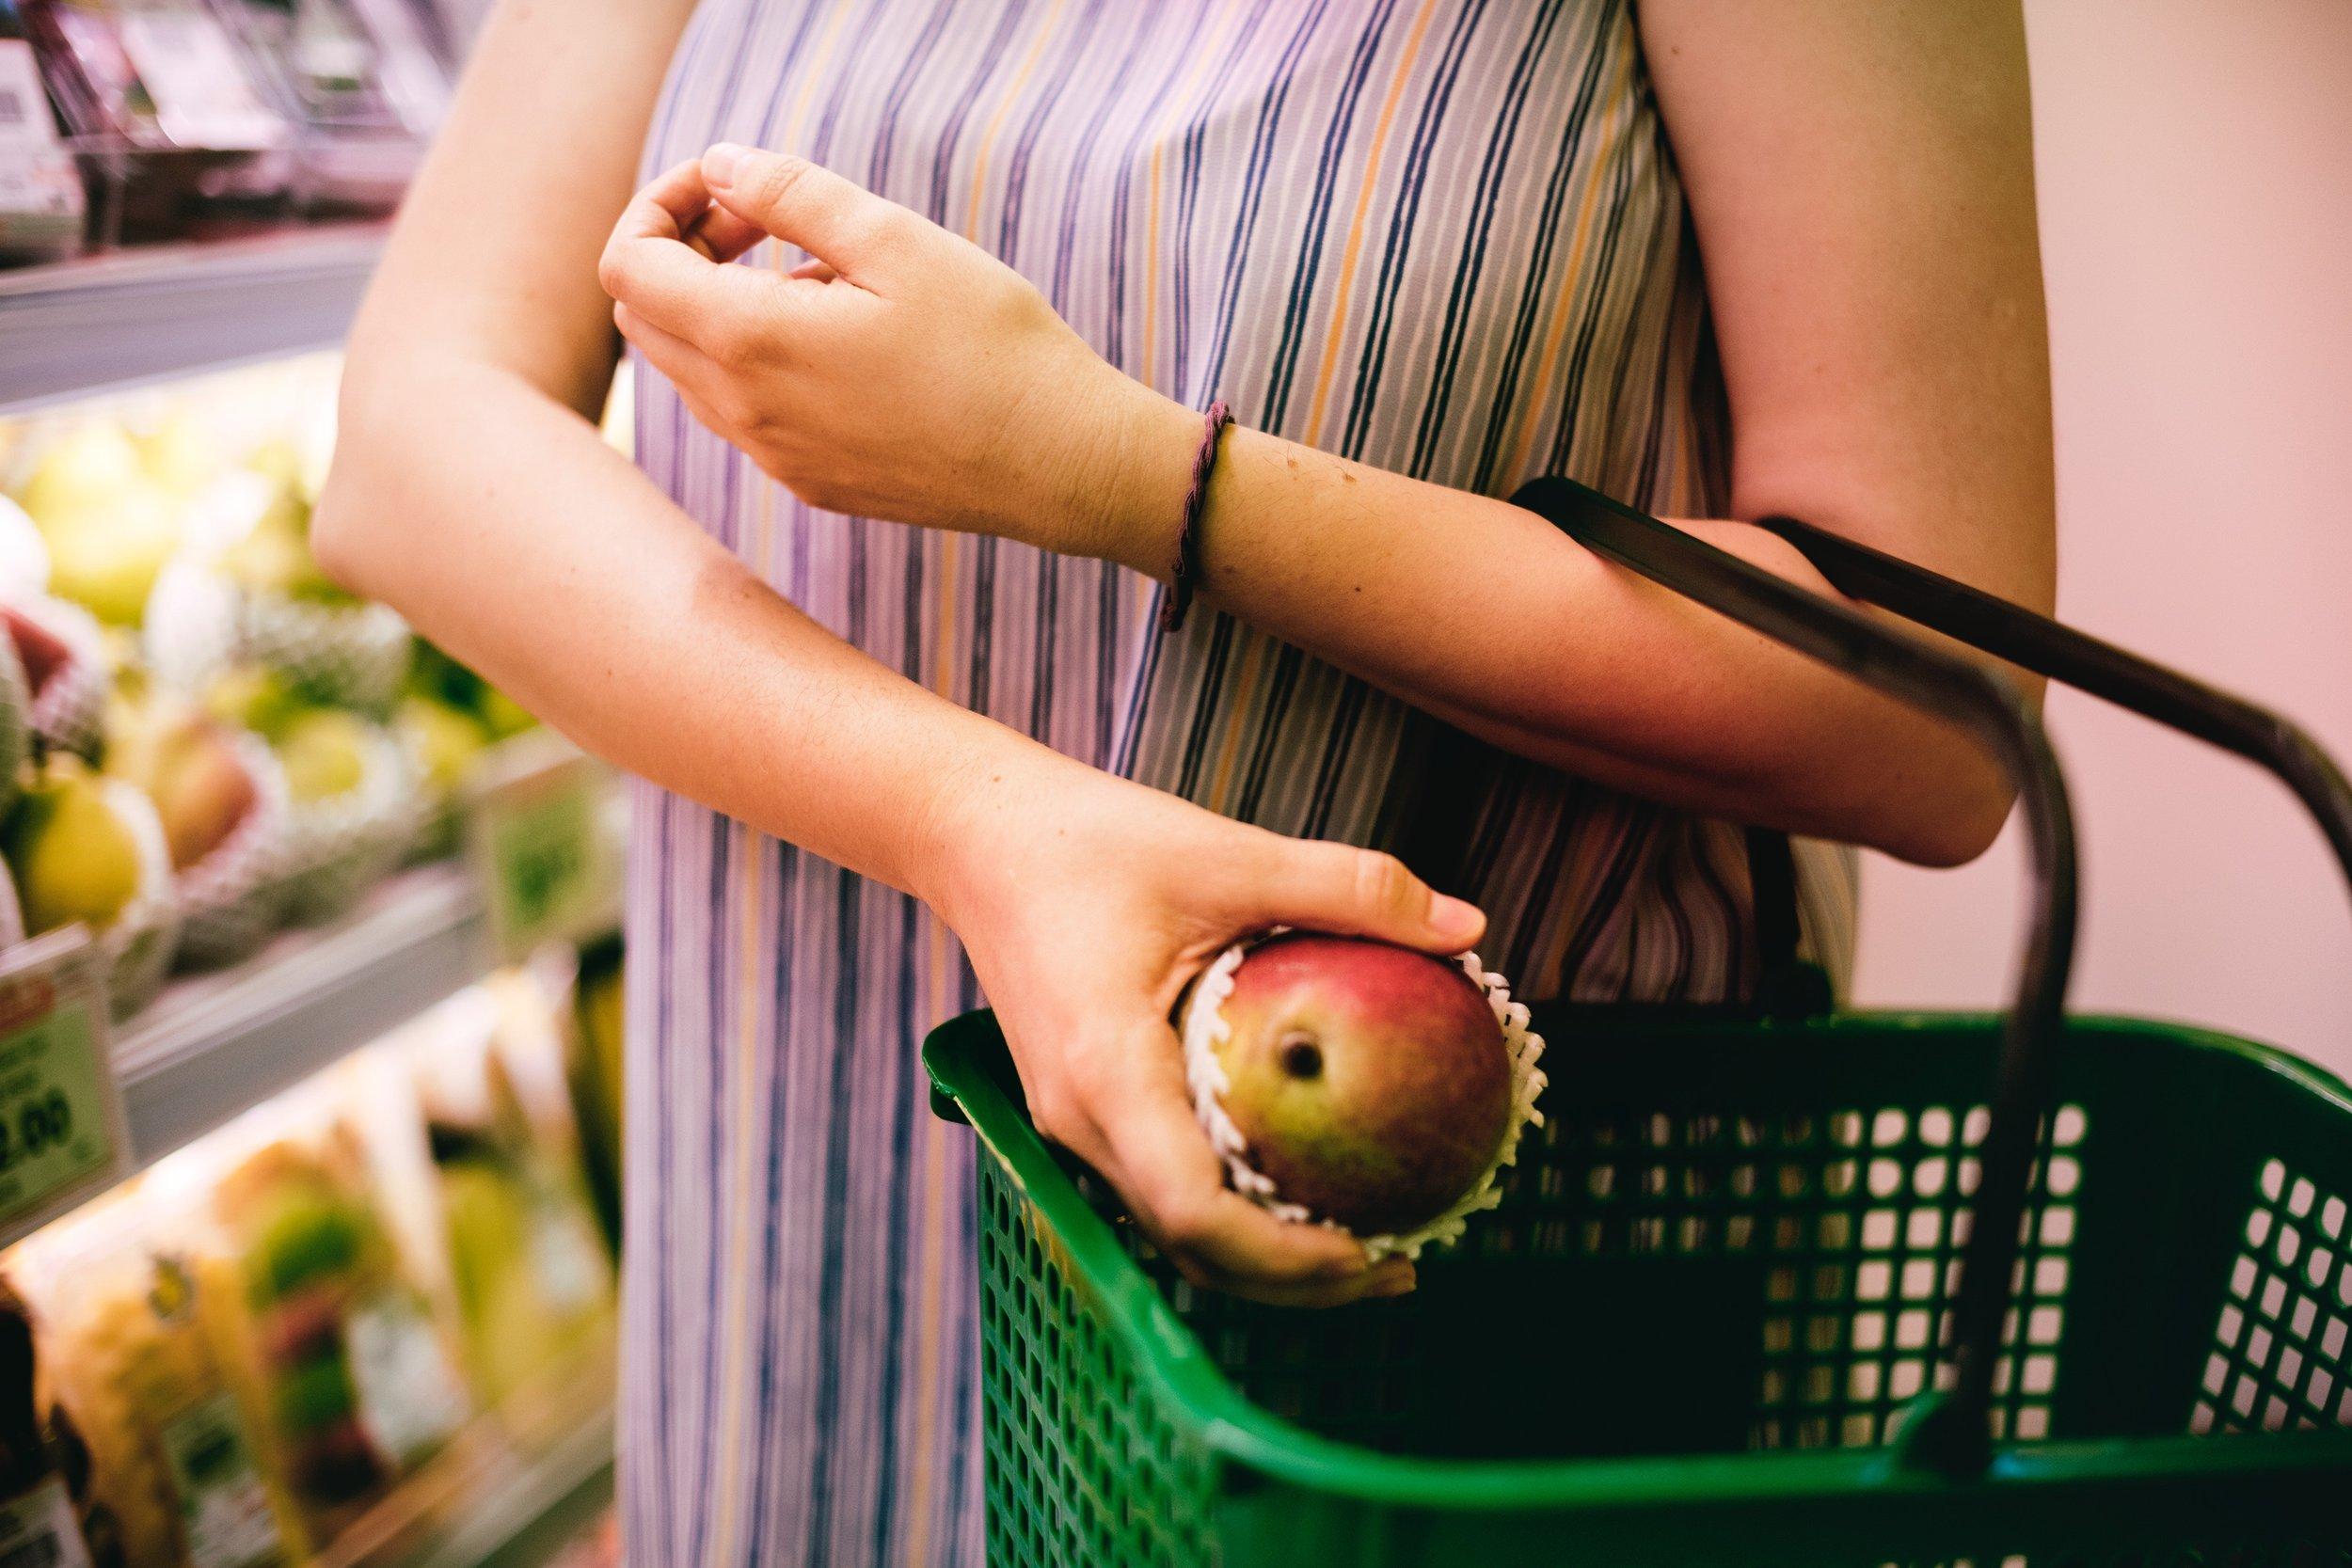 apple-buy-buying-1260305.jpg